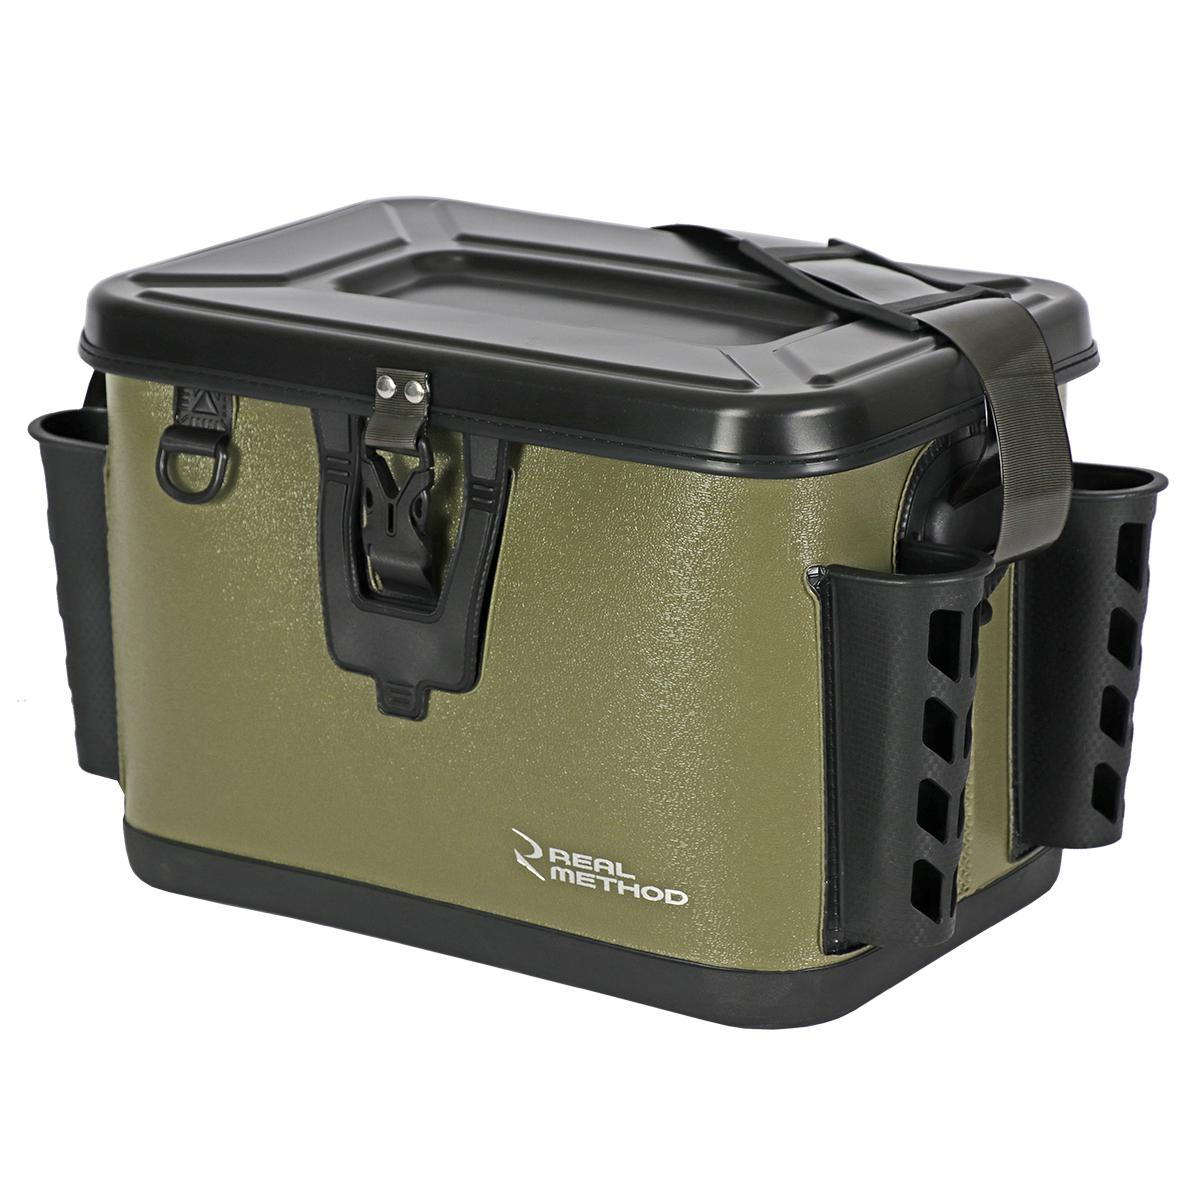 釣具のポイント メーカー公式 リアルメソッド ロッドホルダー 付 EVAタックルバッグ METHOD アーミーグリーン REAL 36cm 贈物